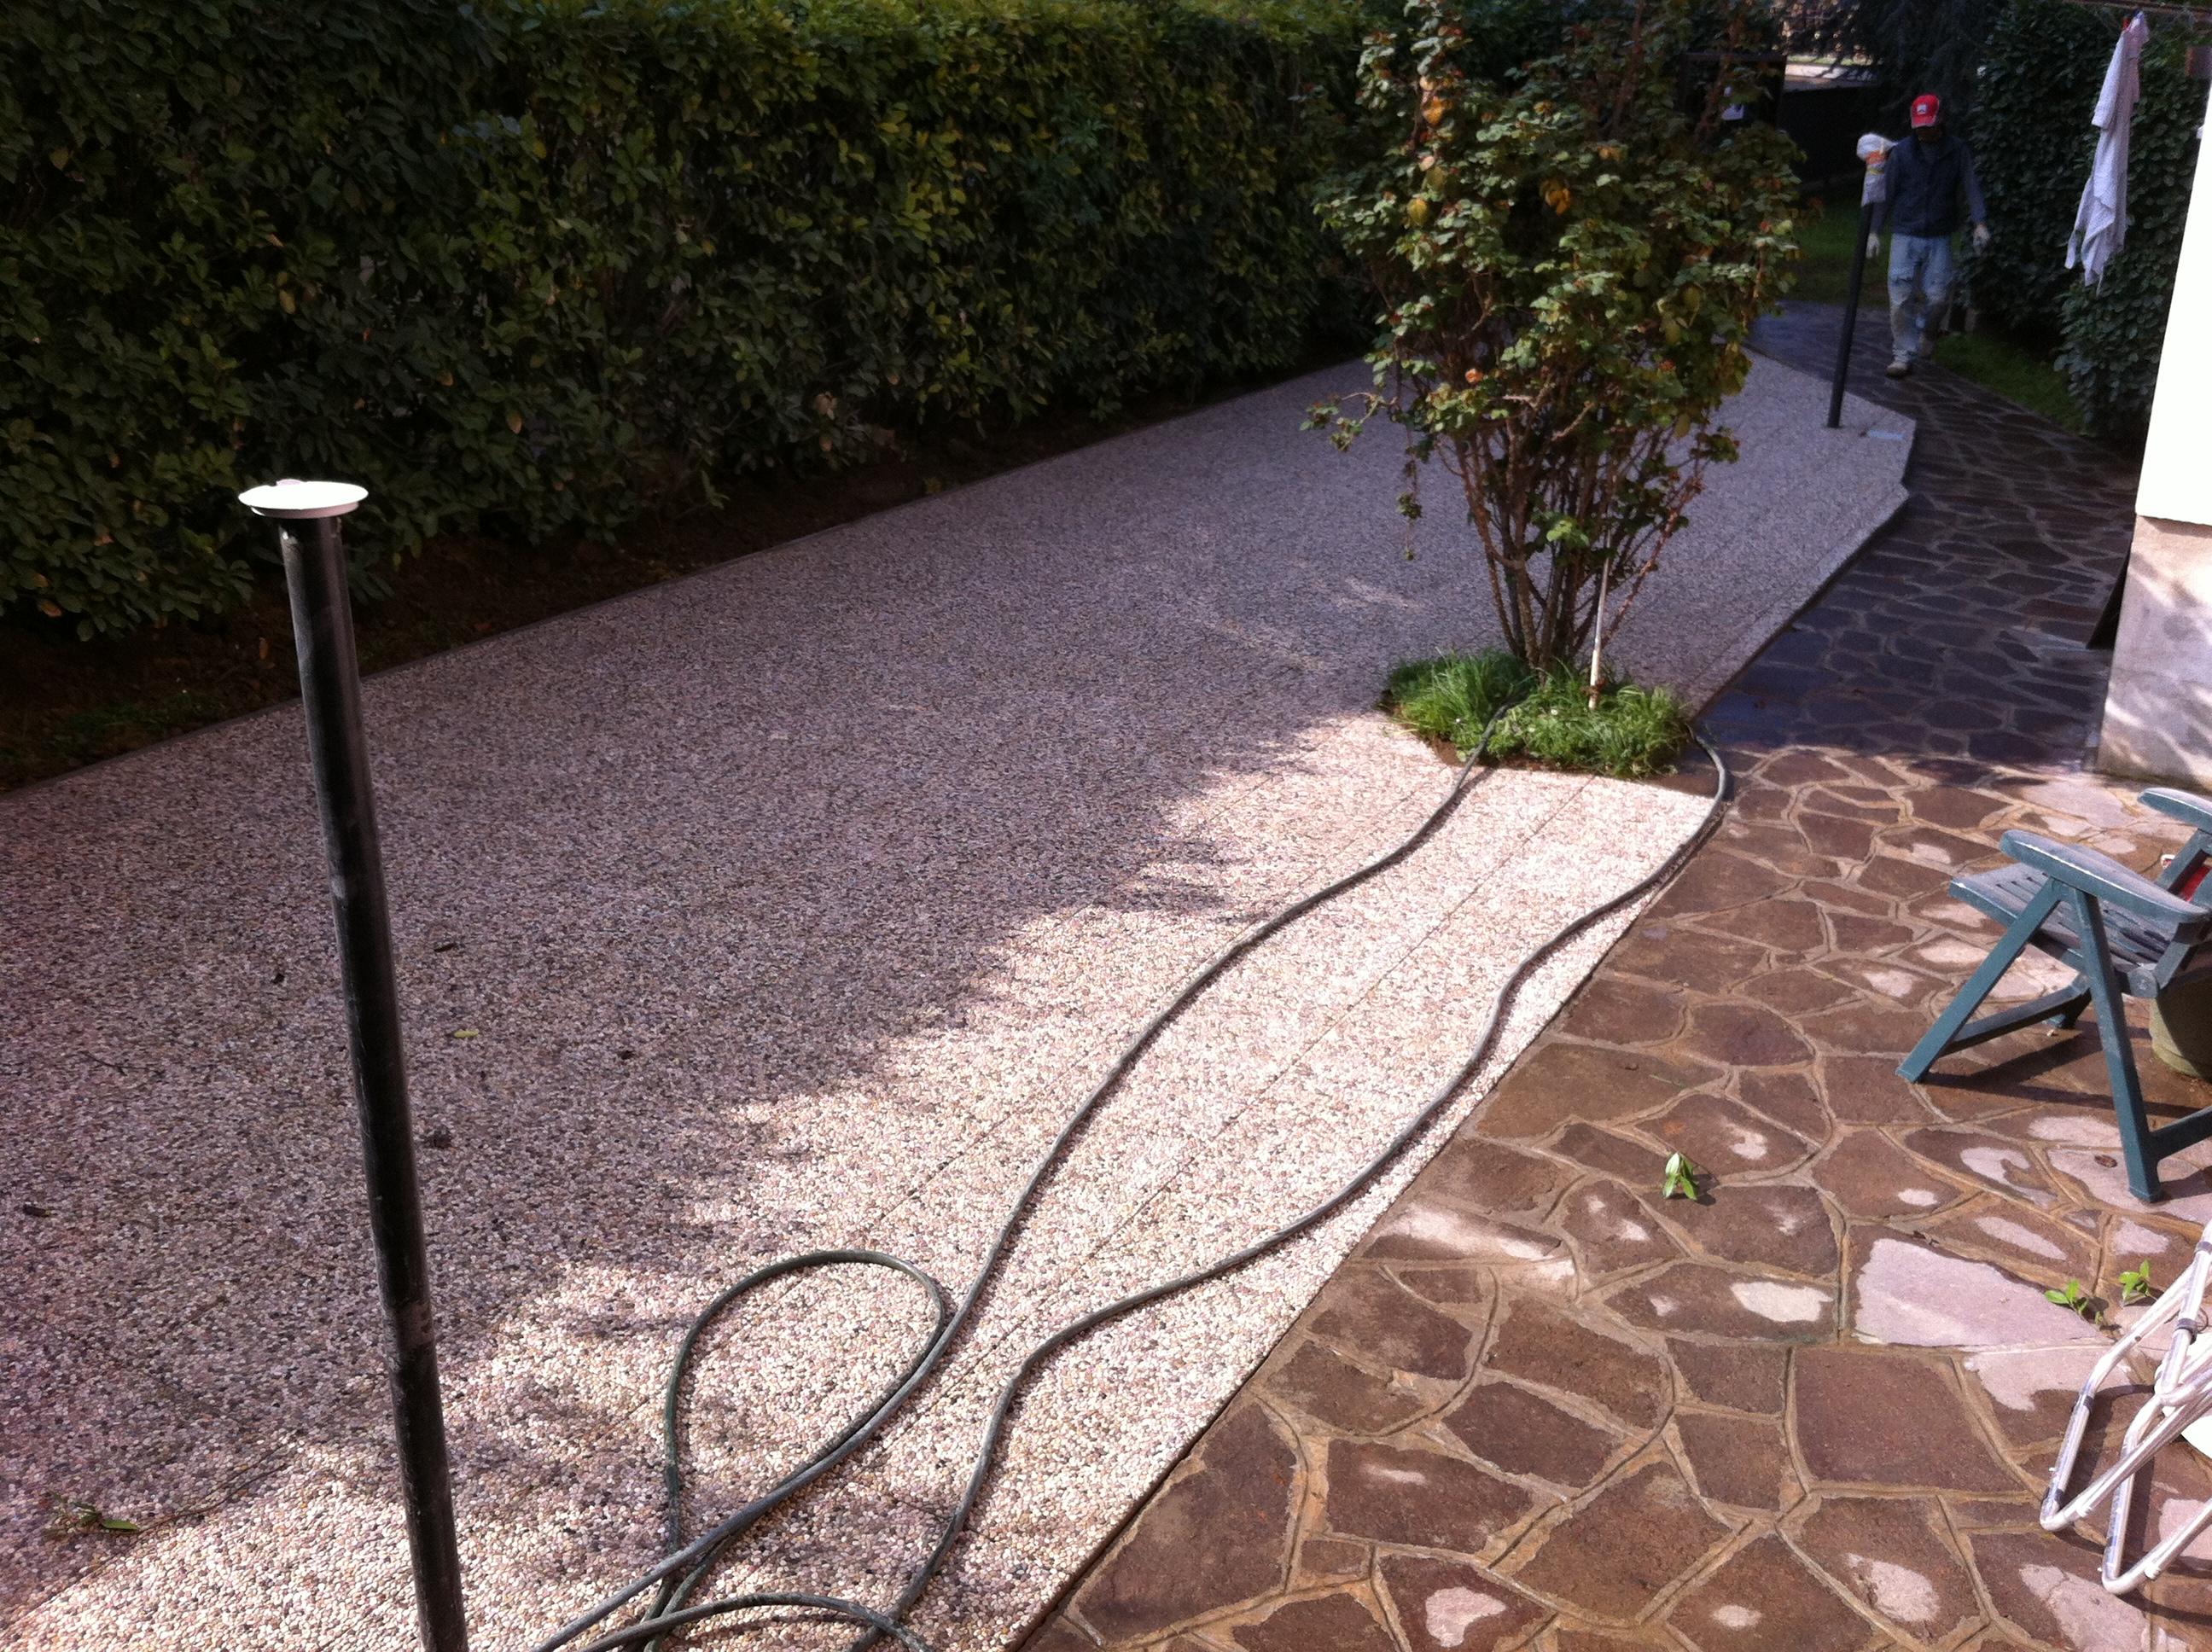 Progetto per pavimentazione giardino progetti muratori - Progetto per giardino ...